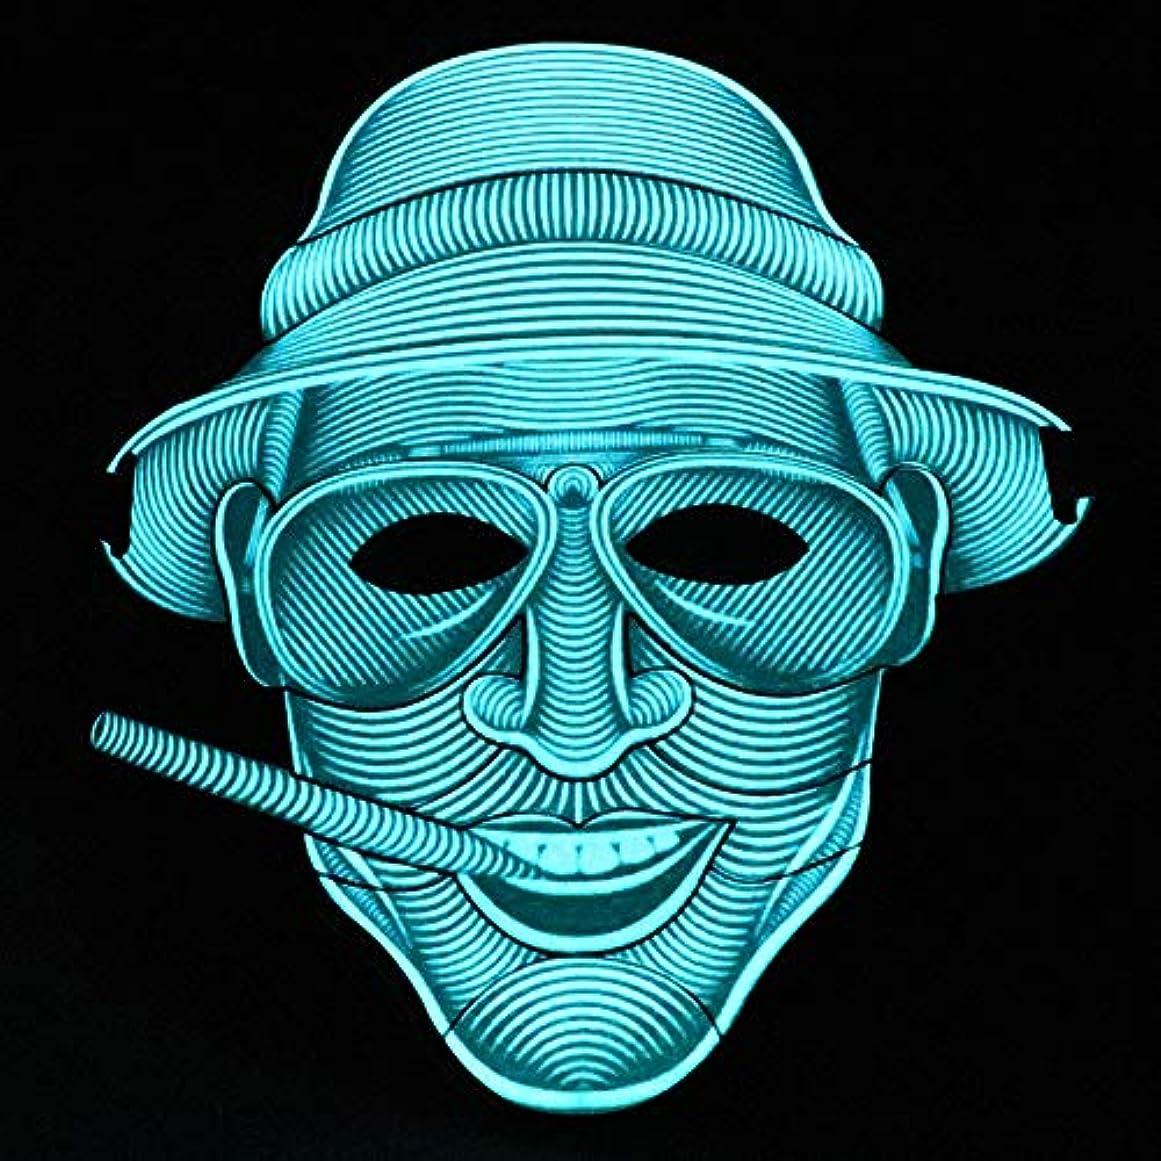 キャプテンブライ宝守銭奴照らされたマスクLED創造的な冷光音響制御マスクハロウィンバーフェスティバルダンスマスク (Color : #15)